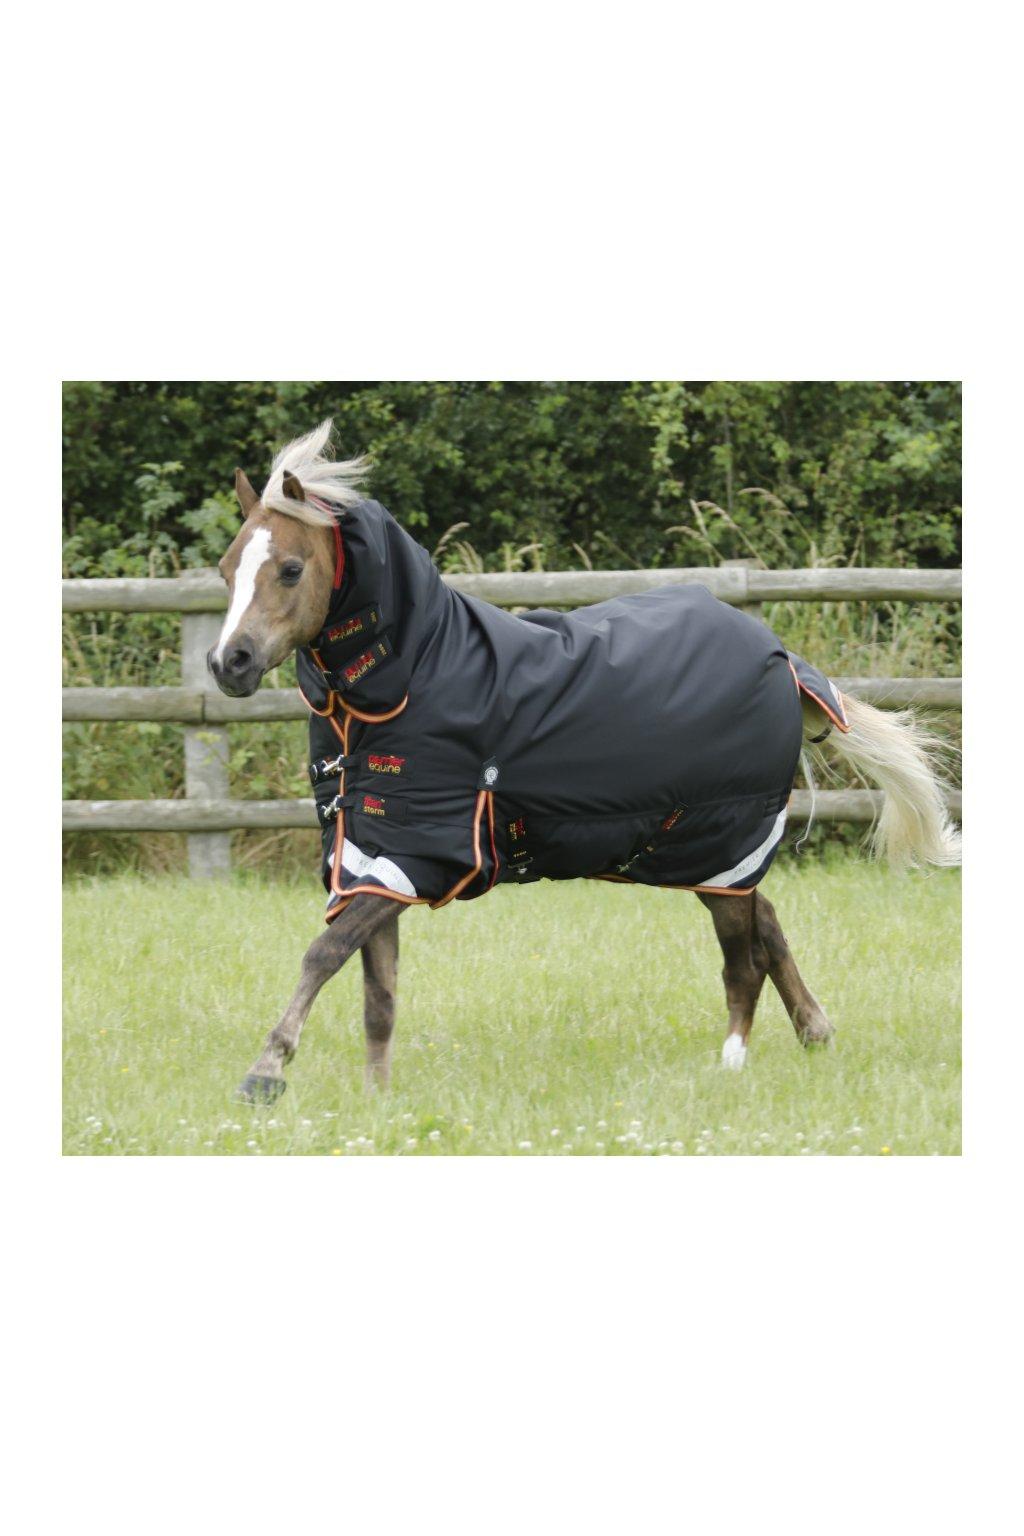 Pony Titan Storm 450 Main Running Image 900x775x900